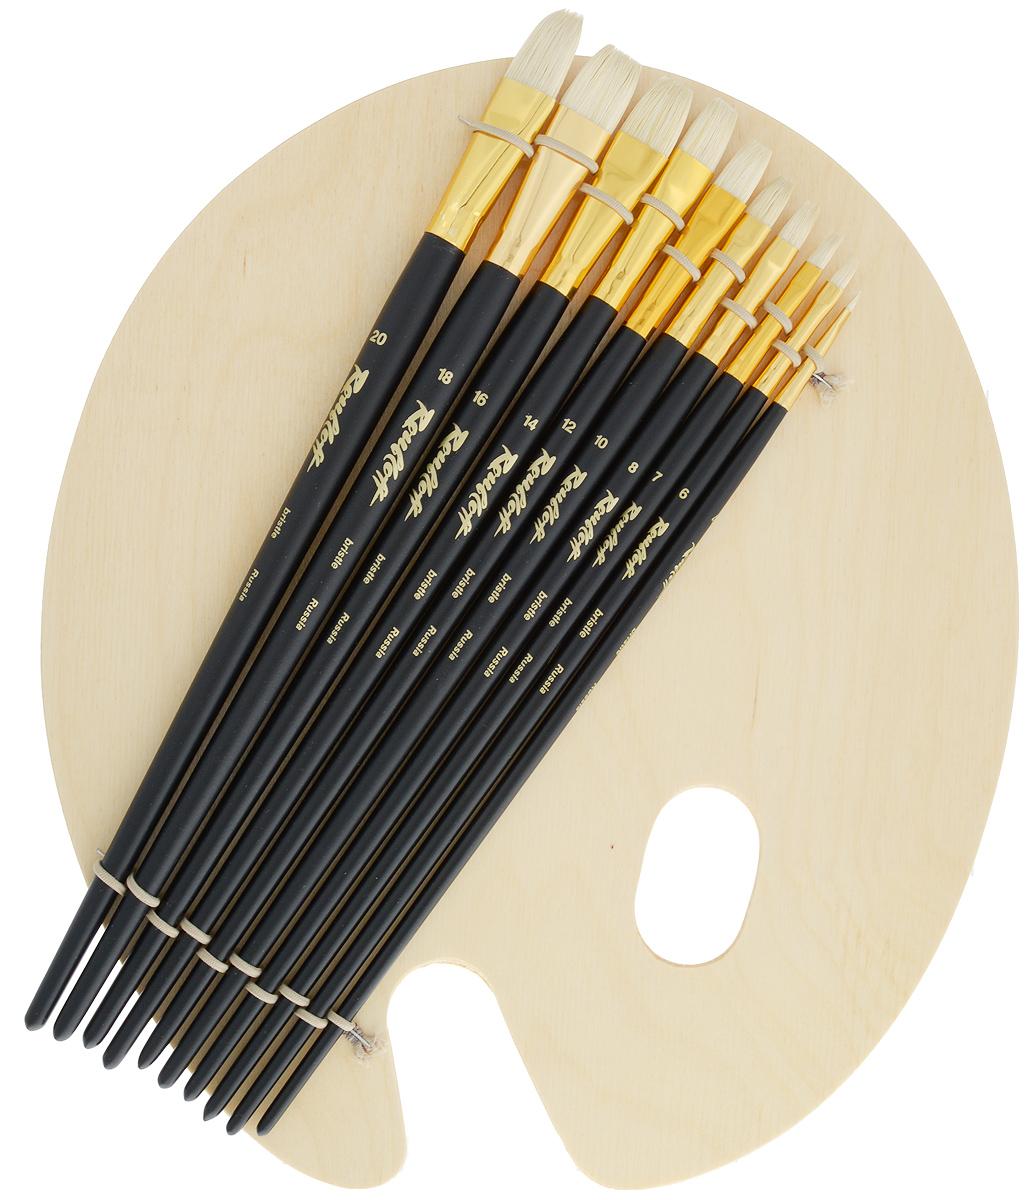 Набор кистей Rubloff №42, с палитрой, 10 штНабор № 42Набор Rubloff №42 состоит из десяти плоских кистей №4,6, 7, 8, 10, 12, 14, 16, 18, 20 и овальной деревянной палитры.Такой набор идеально подойдет для художественных идекоративно-оформительских работ.Кисти изготовлены из щетины. Деревянные длинные ручкиоснащены алюминиевыми втулками с двойной обжимкой.Длина кистей: №4 - 29,7 см; №6 - 30,8 см; №7 - 31,2 см; №8 -31,3 см; №10 - 31,5 см; №12 - 31,8 см; №14 - 32,5 см; №16 -32,2 см; №18 - 32,2 см; №20 - 33 см. Длина пучка: №4 - 7 мм; №6 - 1 см; №7 - 1,2 см; №8 - 1,4см; №10 - 1,5 см; №12 - 1,7 см; №14 - 1,9 см; №16 - 2 см; №18- 2,2 см; №20 - 2,6 см. Размер палитры: 33 х 28,5 х 0,2 см.